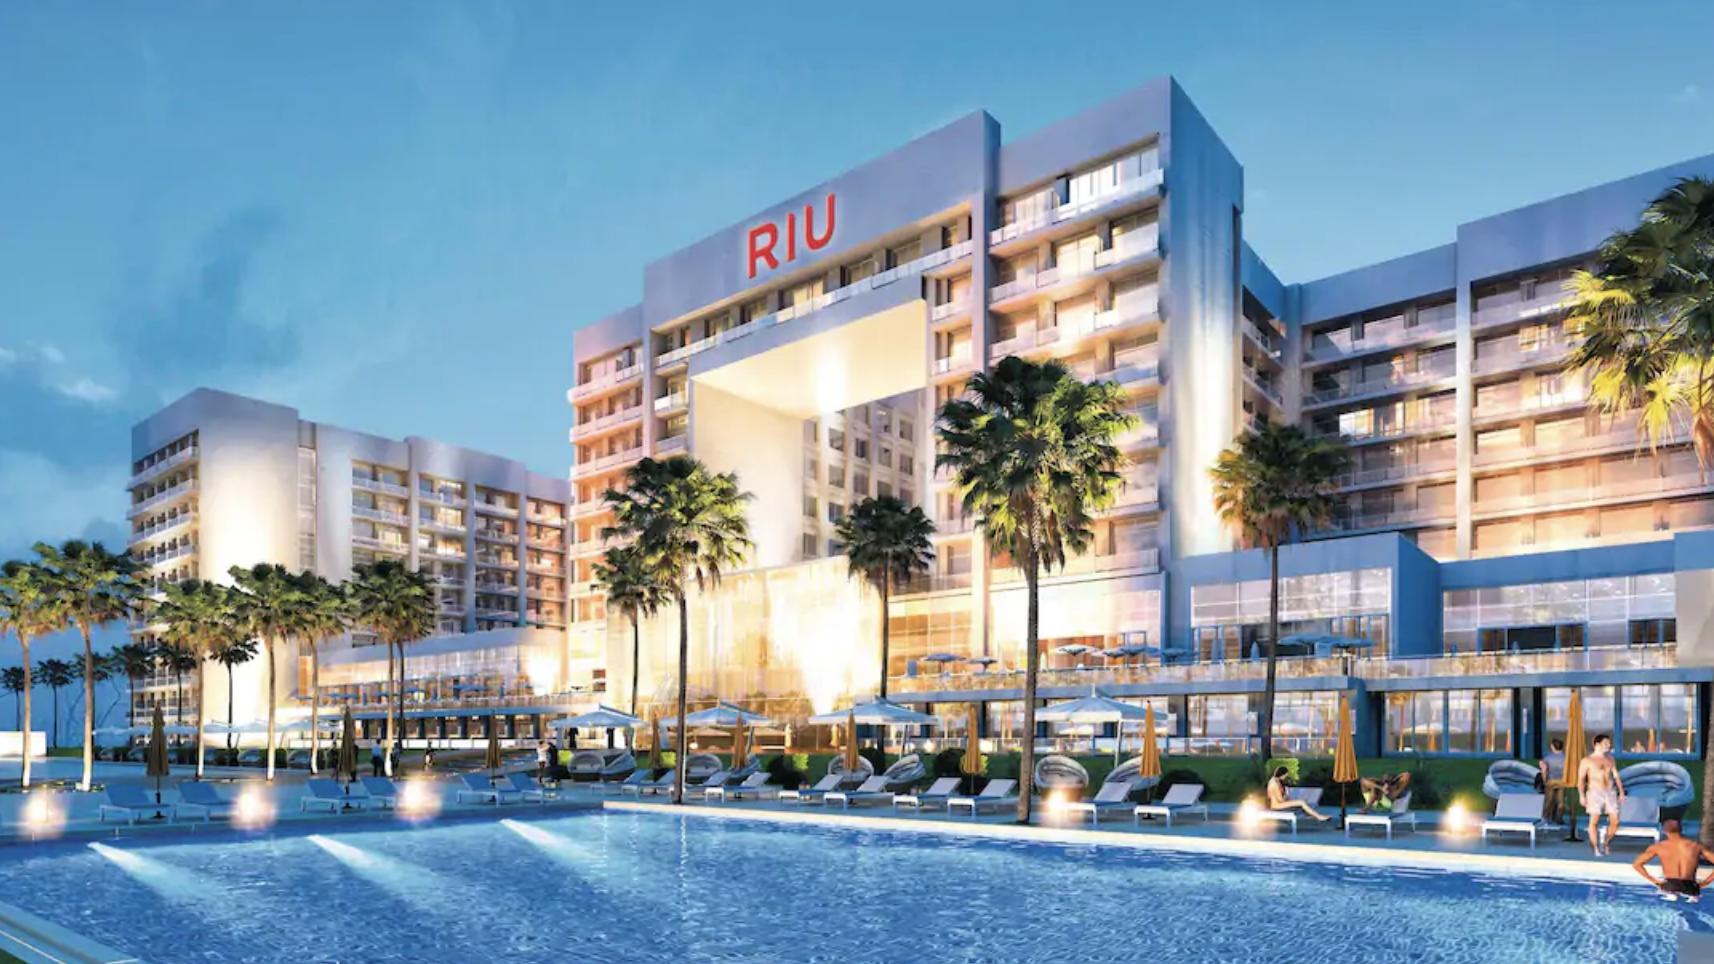 Riu Dubai